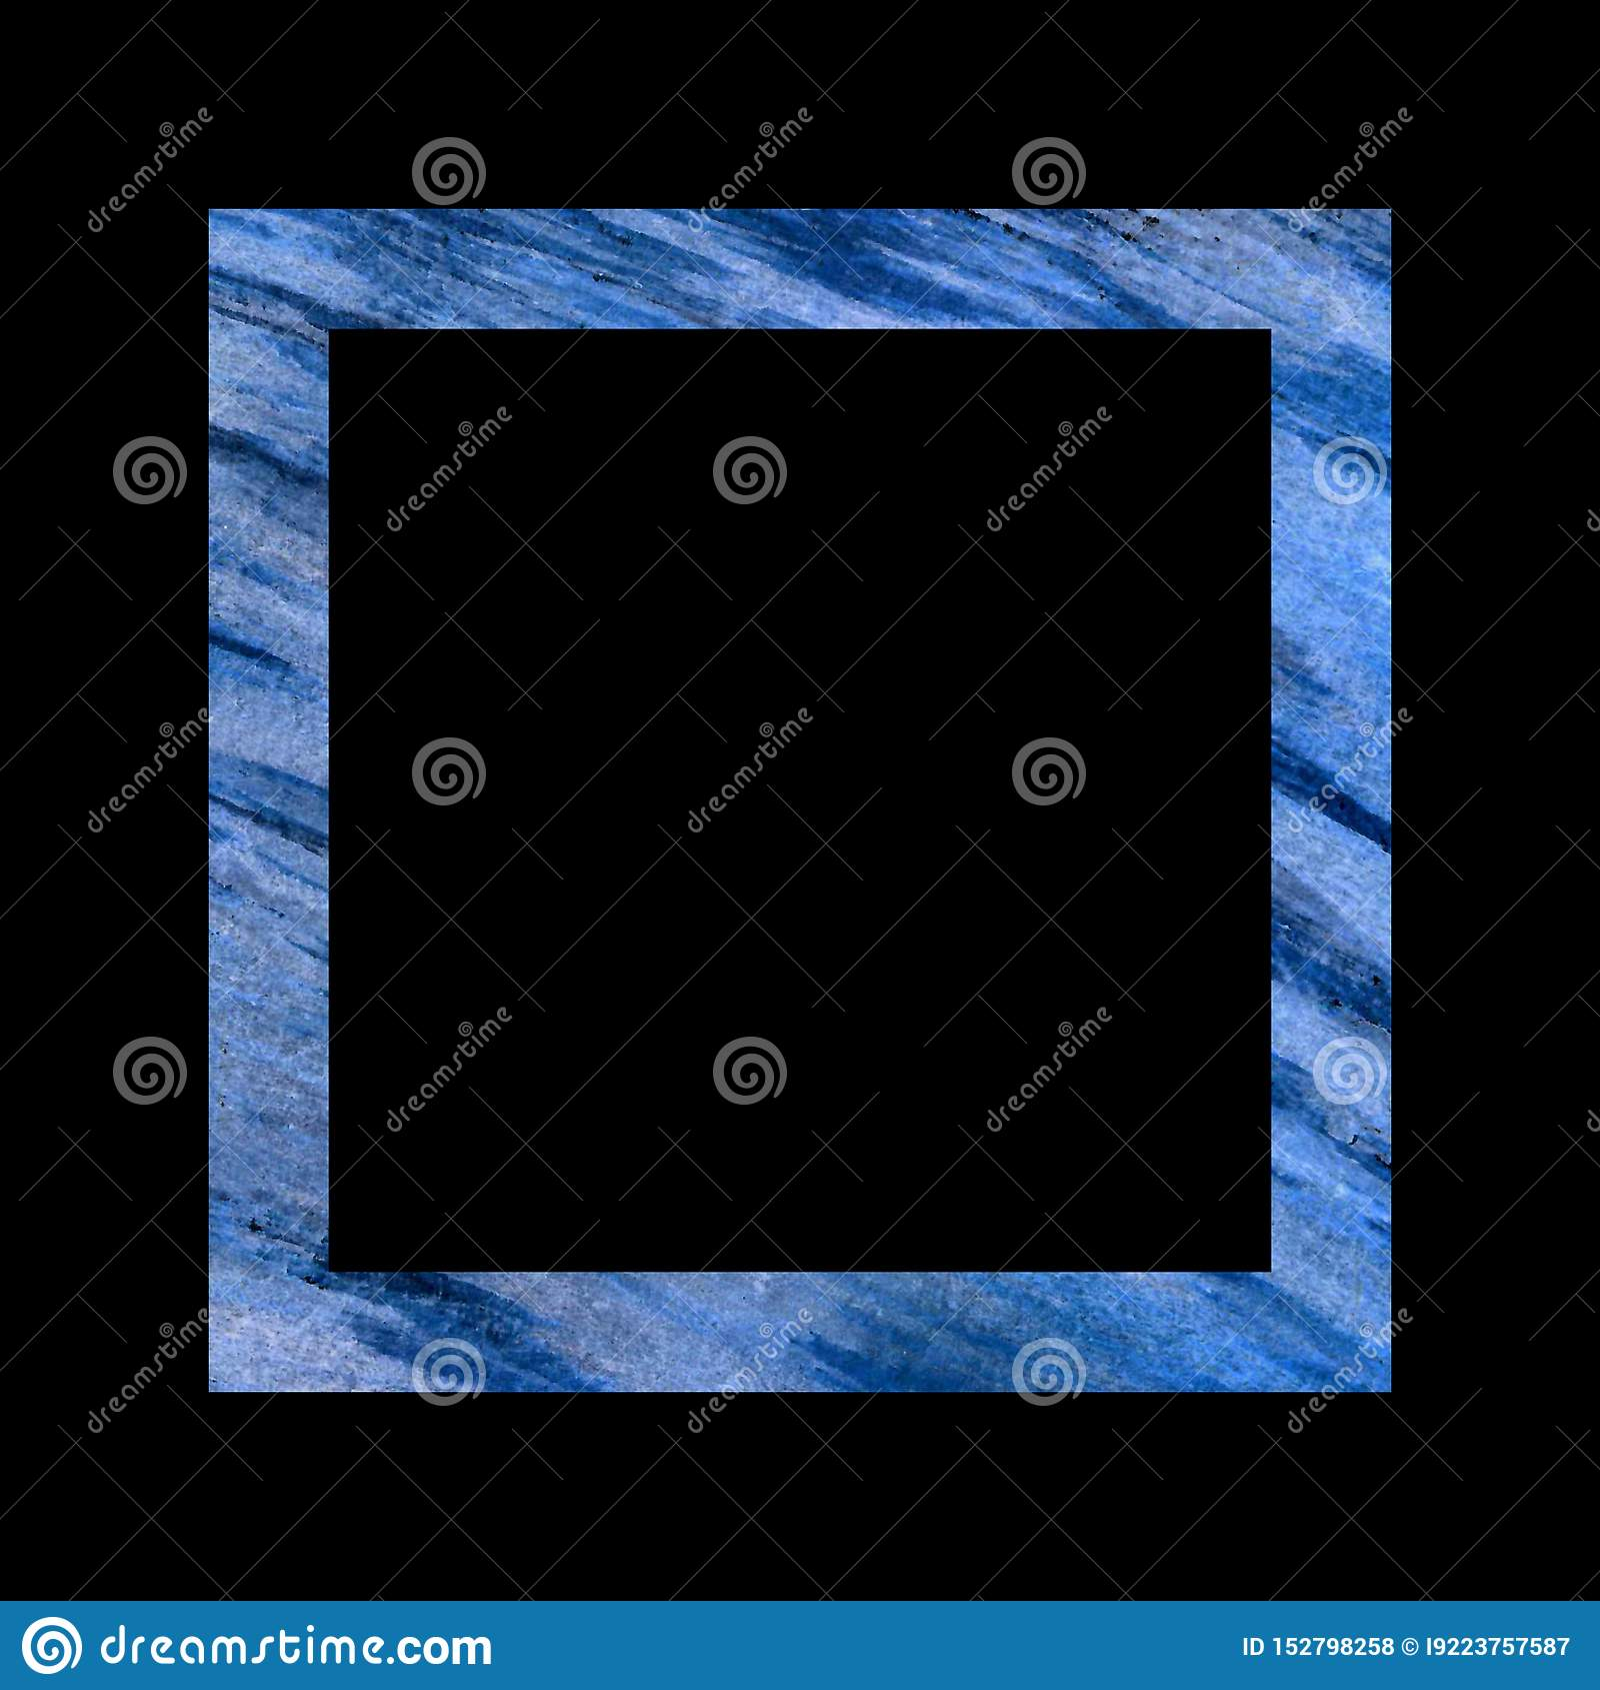 Рамка текстурированная синью квадратная на черной предпосылке, большие раскосные самопроизвольно ходы